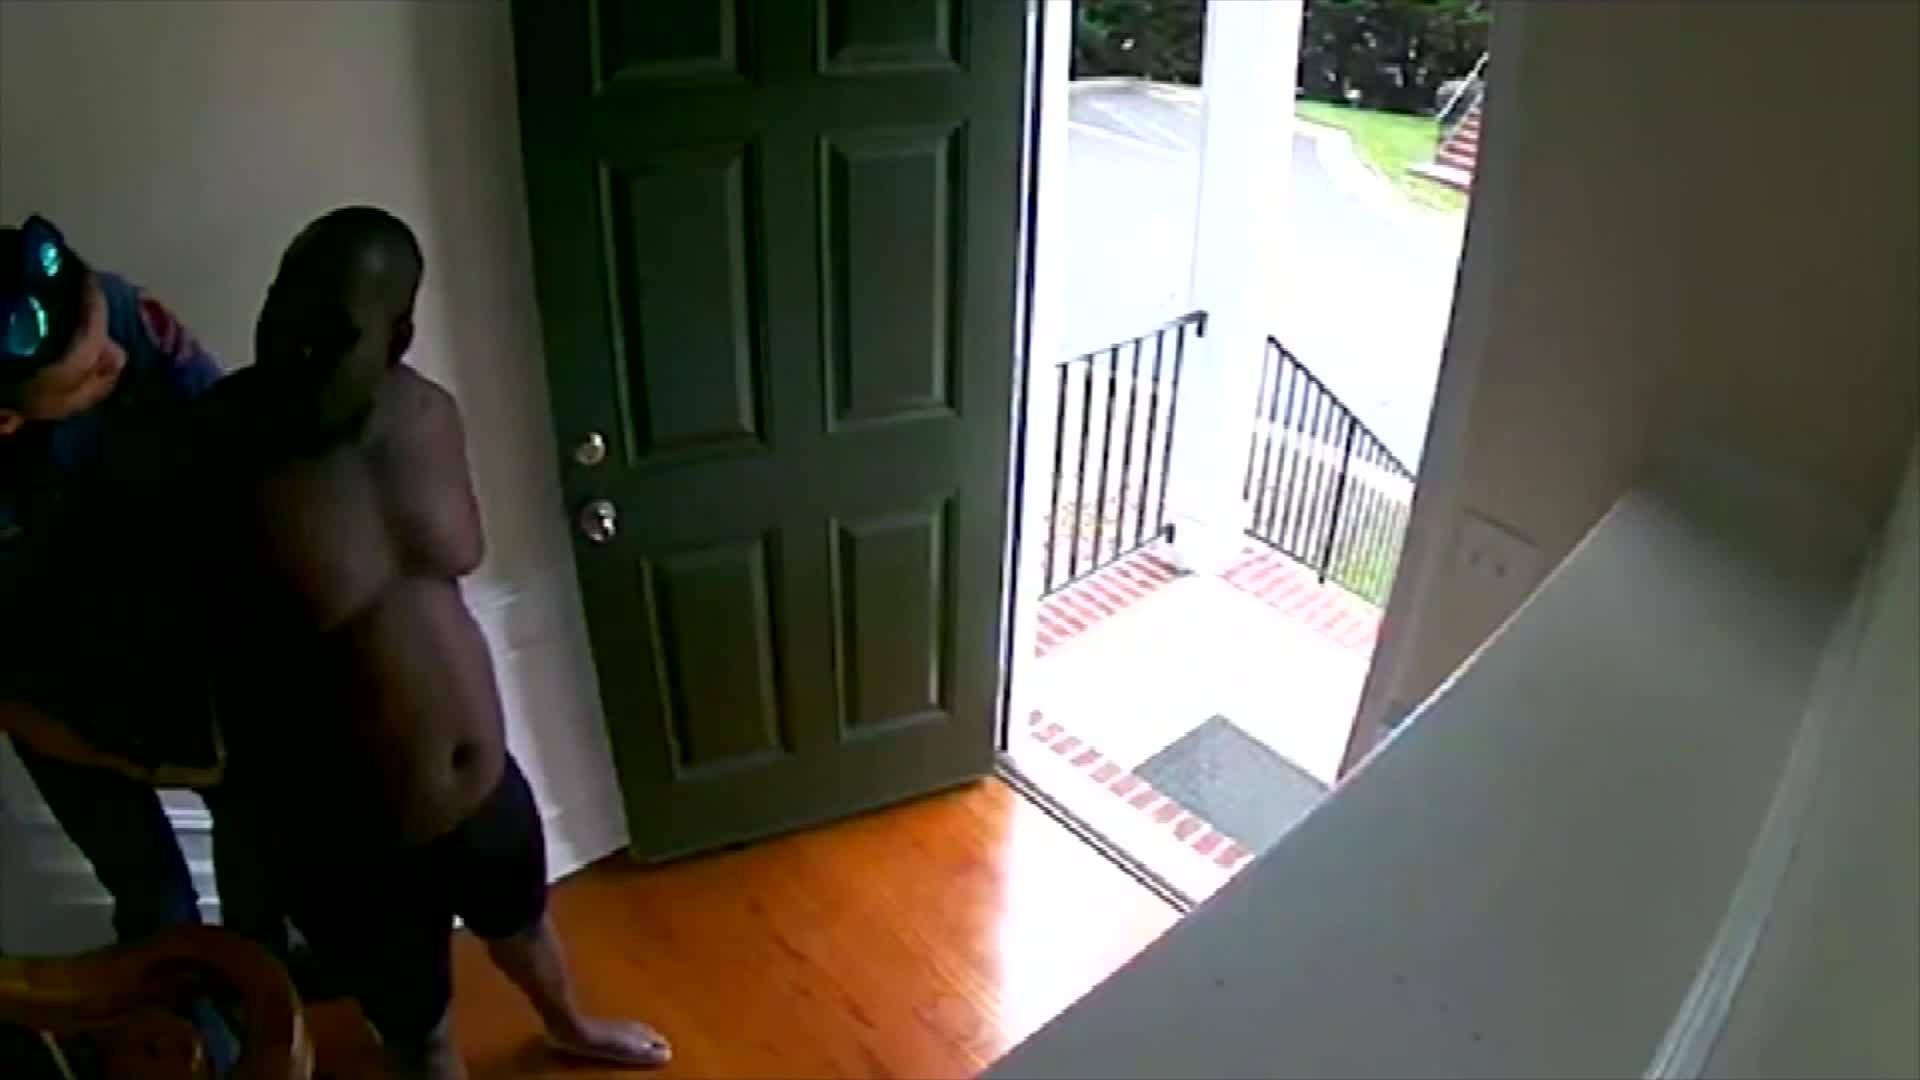 El policía finalmente entra en la casa de Oyeneyin y lo esposa. Mientras esperan que llegue un supervisor, el agente le pregunta a Oyeneyin si vive en la casa y si tiene identificación.